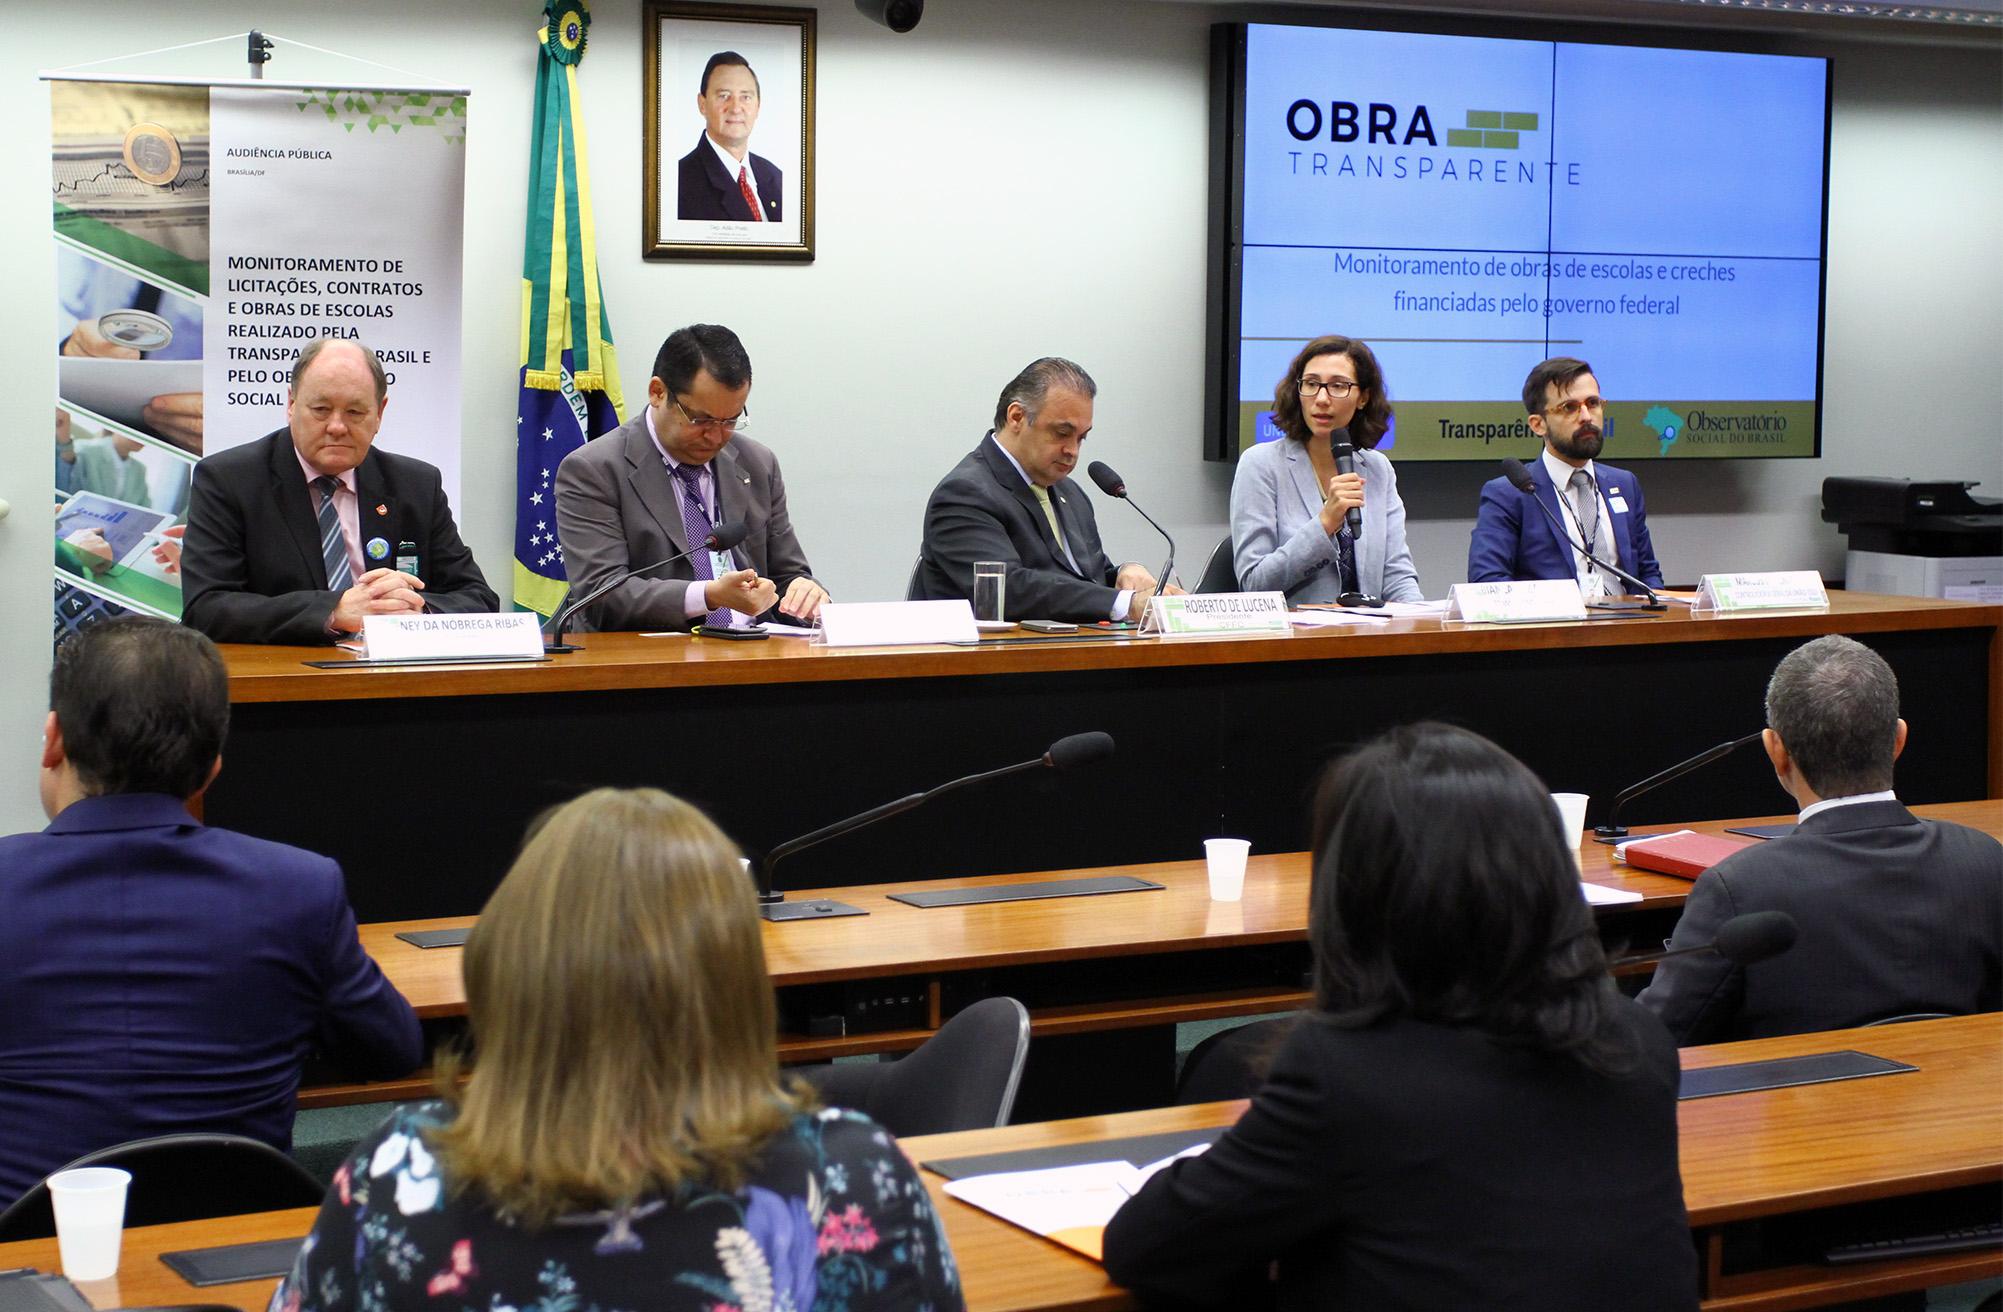 Crise fiscal afeta construção de creches, alerta Transparência Brasil